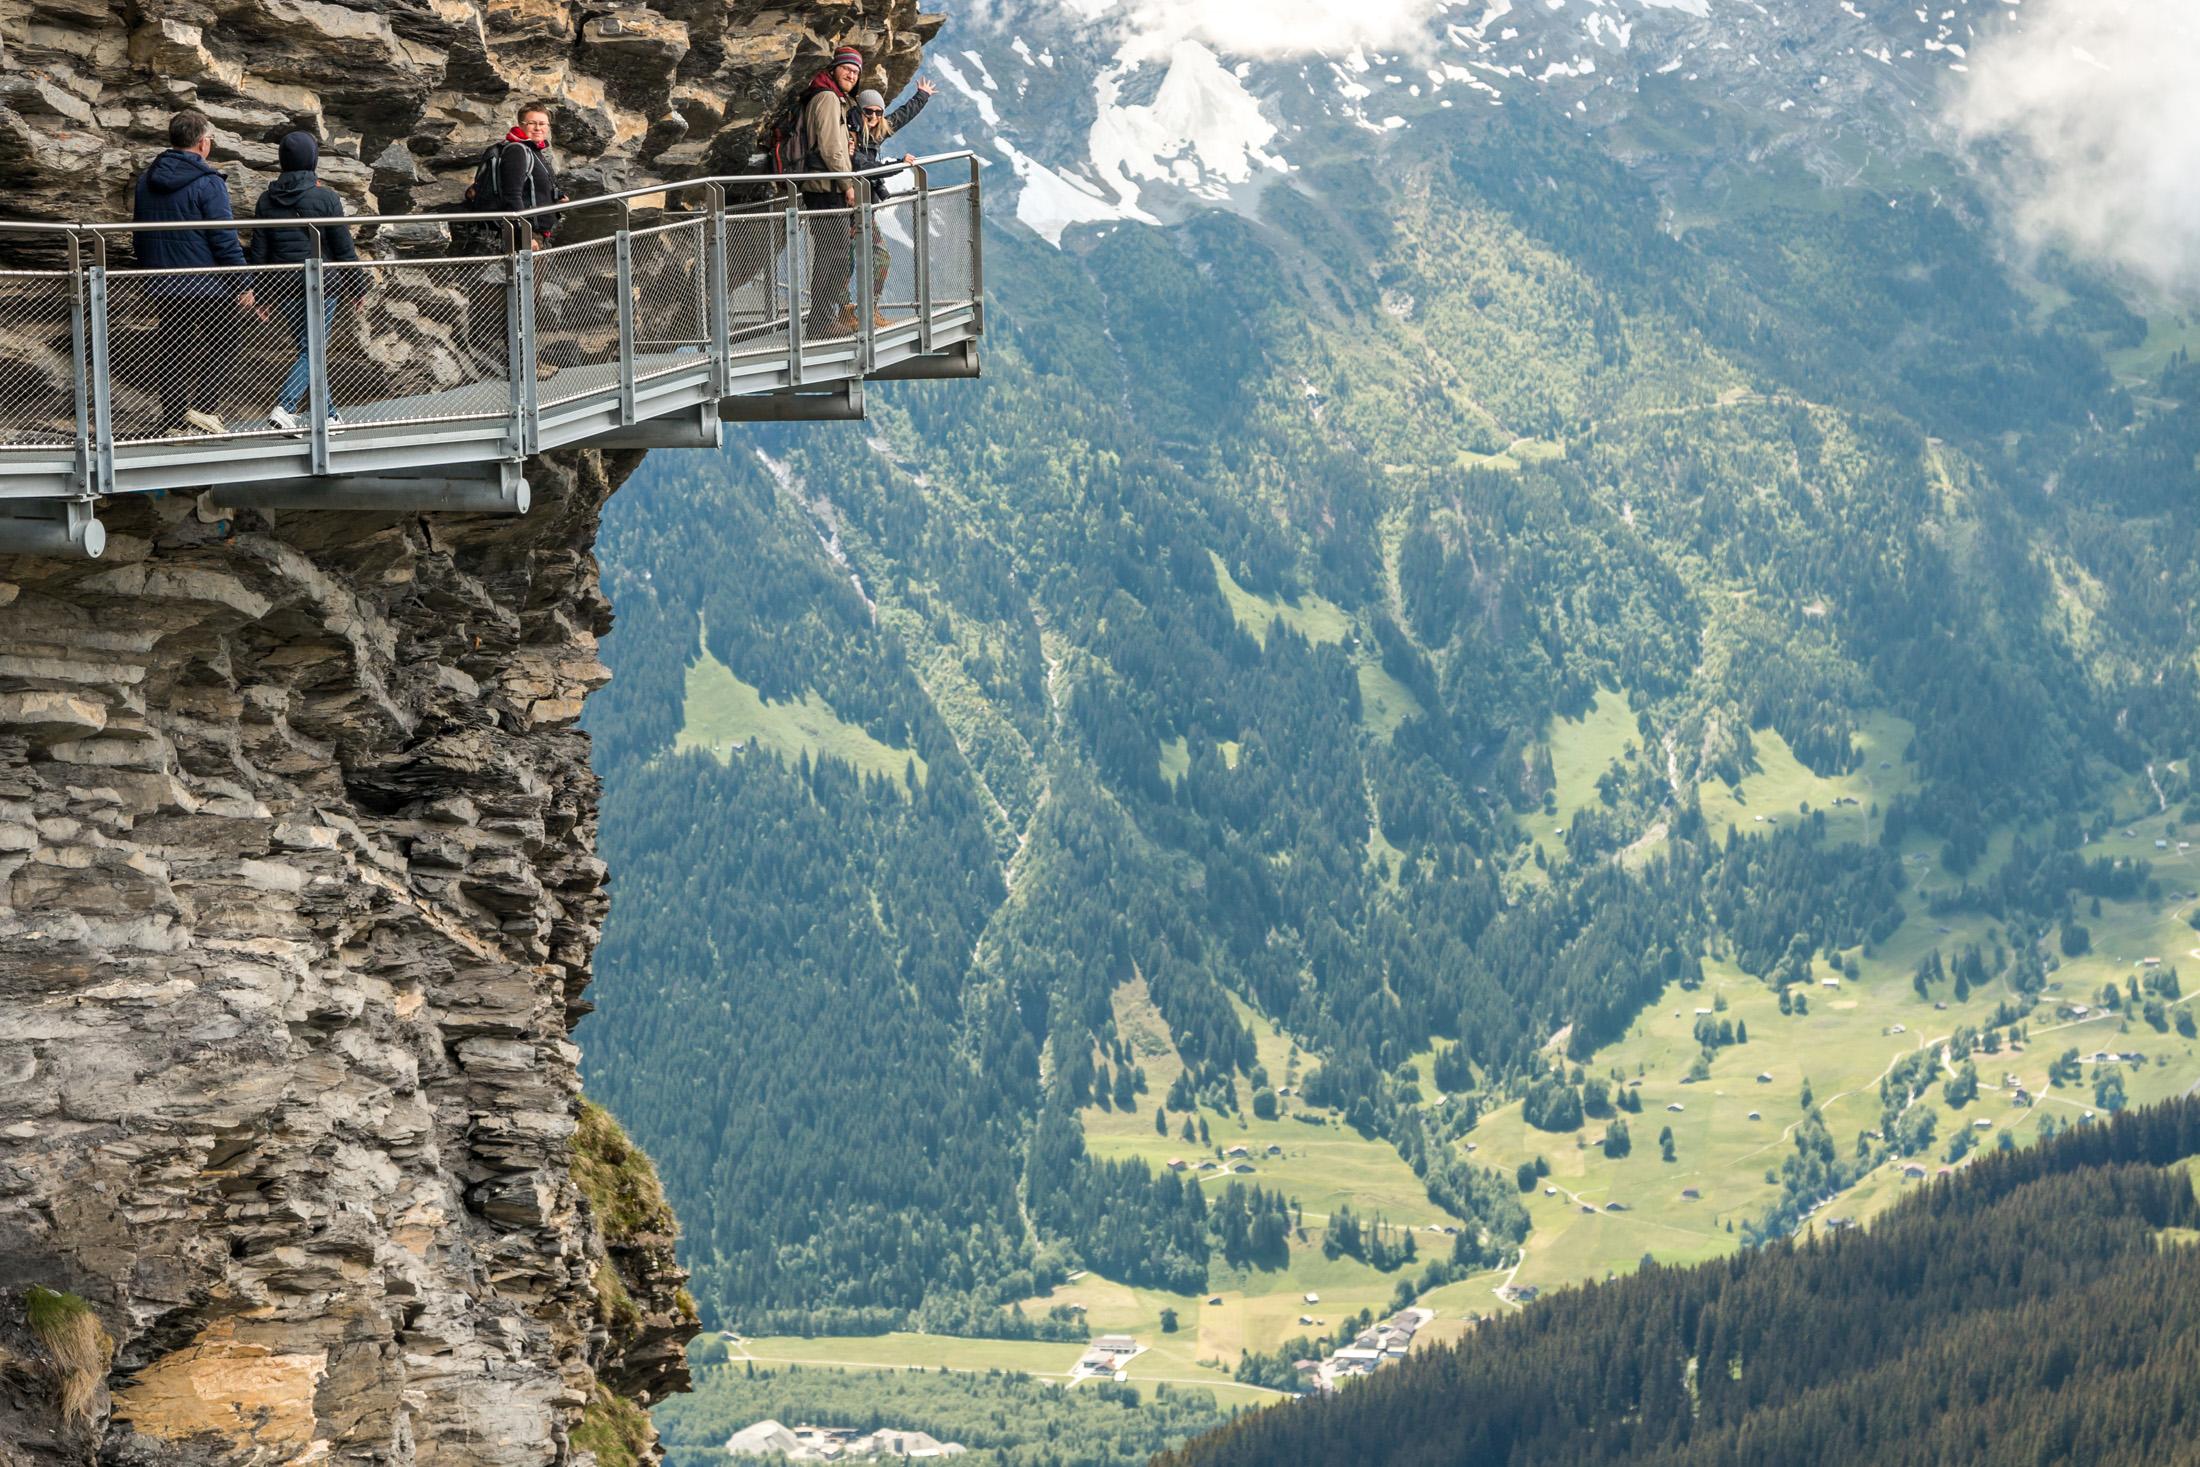 First szwajcaria